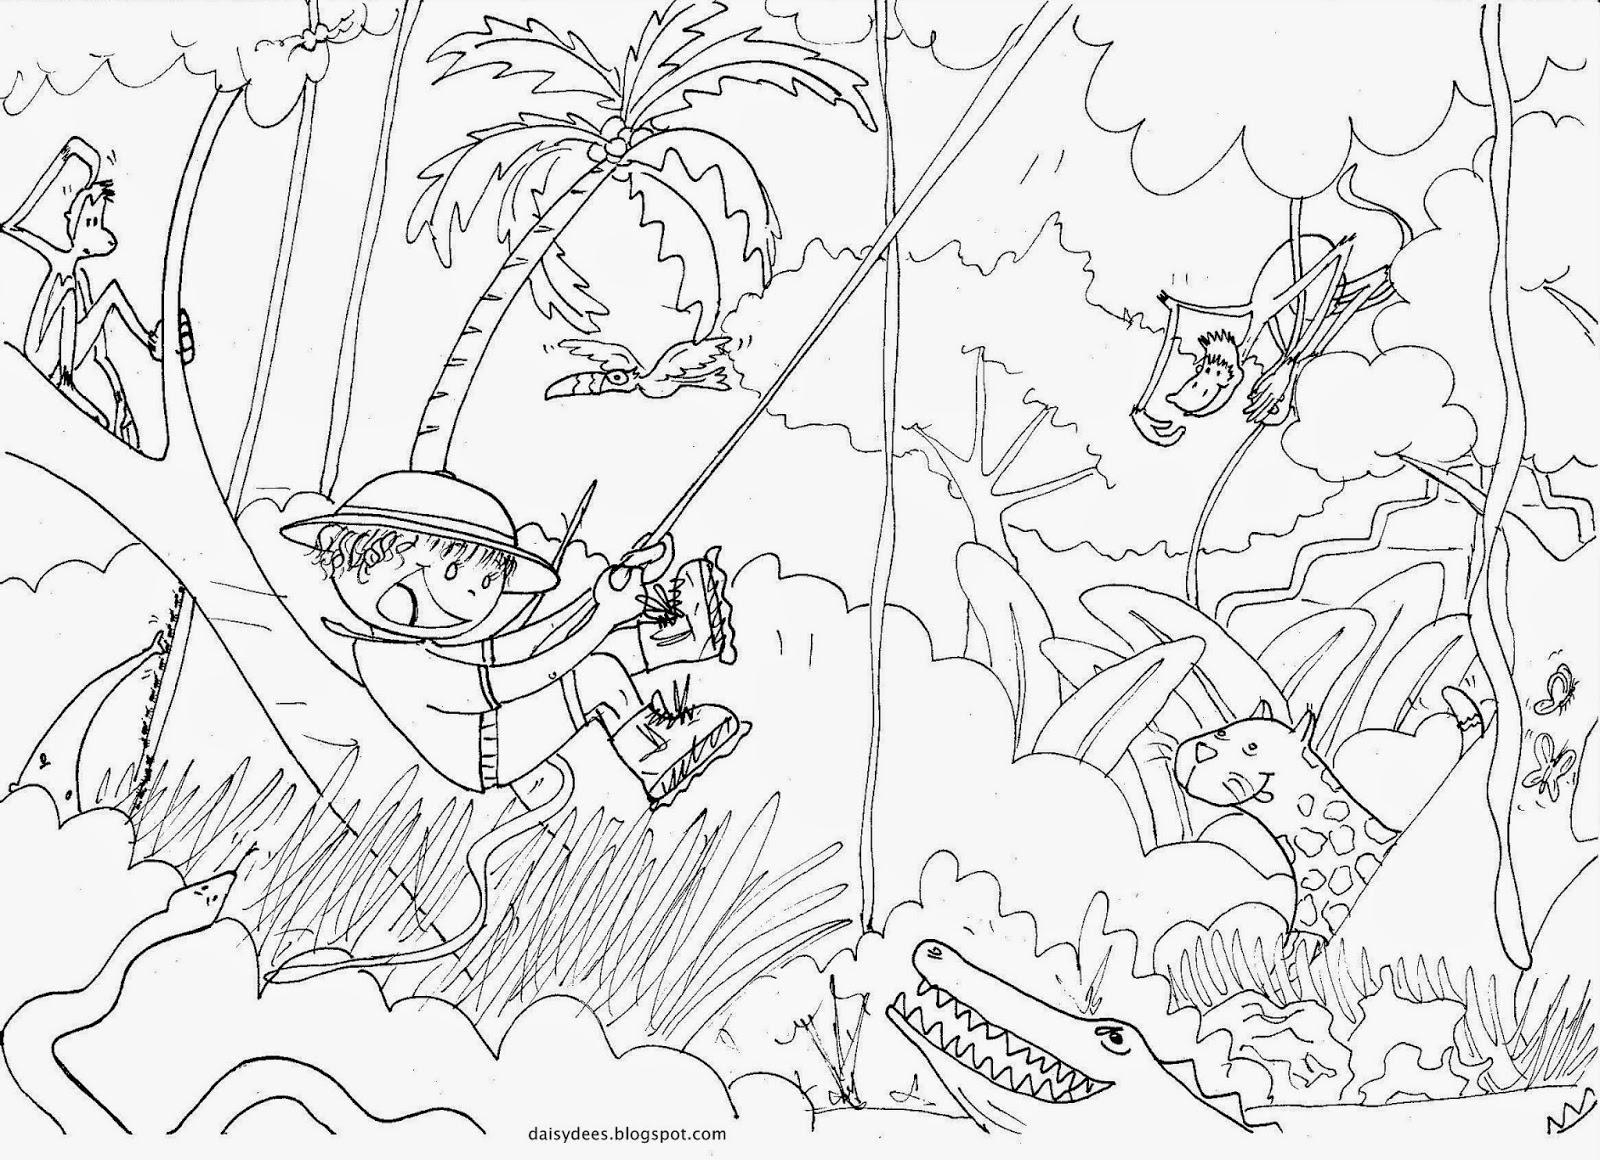 Souvent Daisydées: Coloriages, dessins sur le thème de la jungle ML83